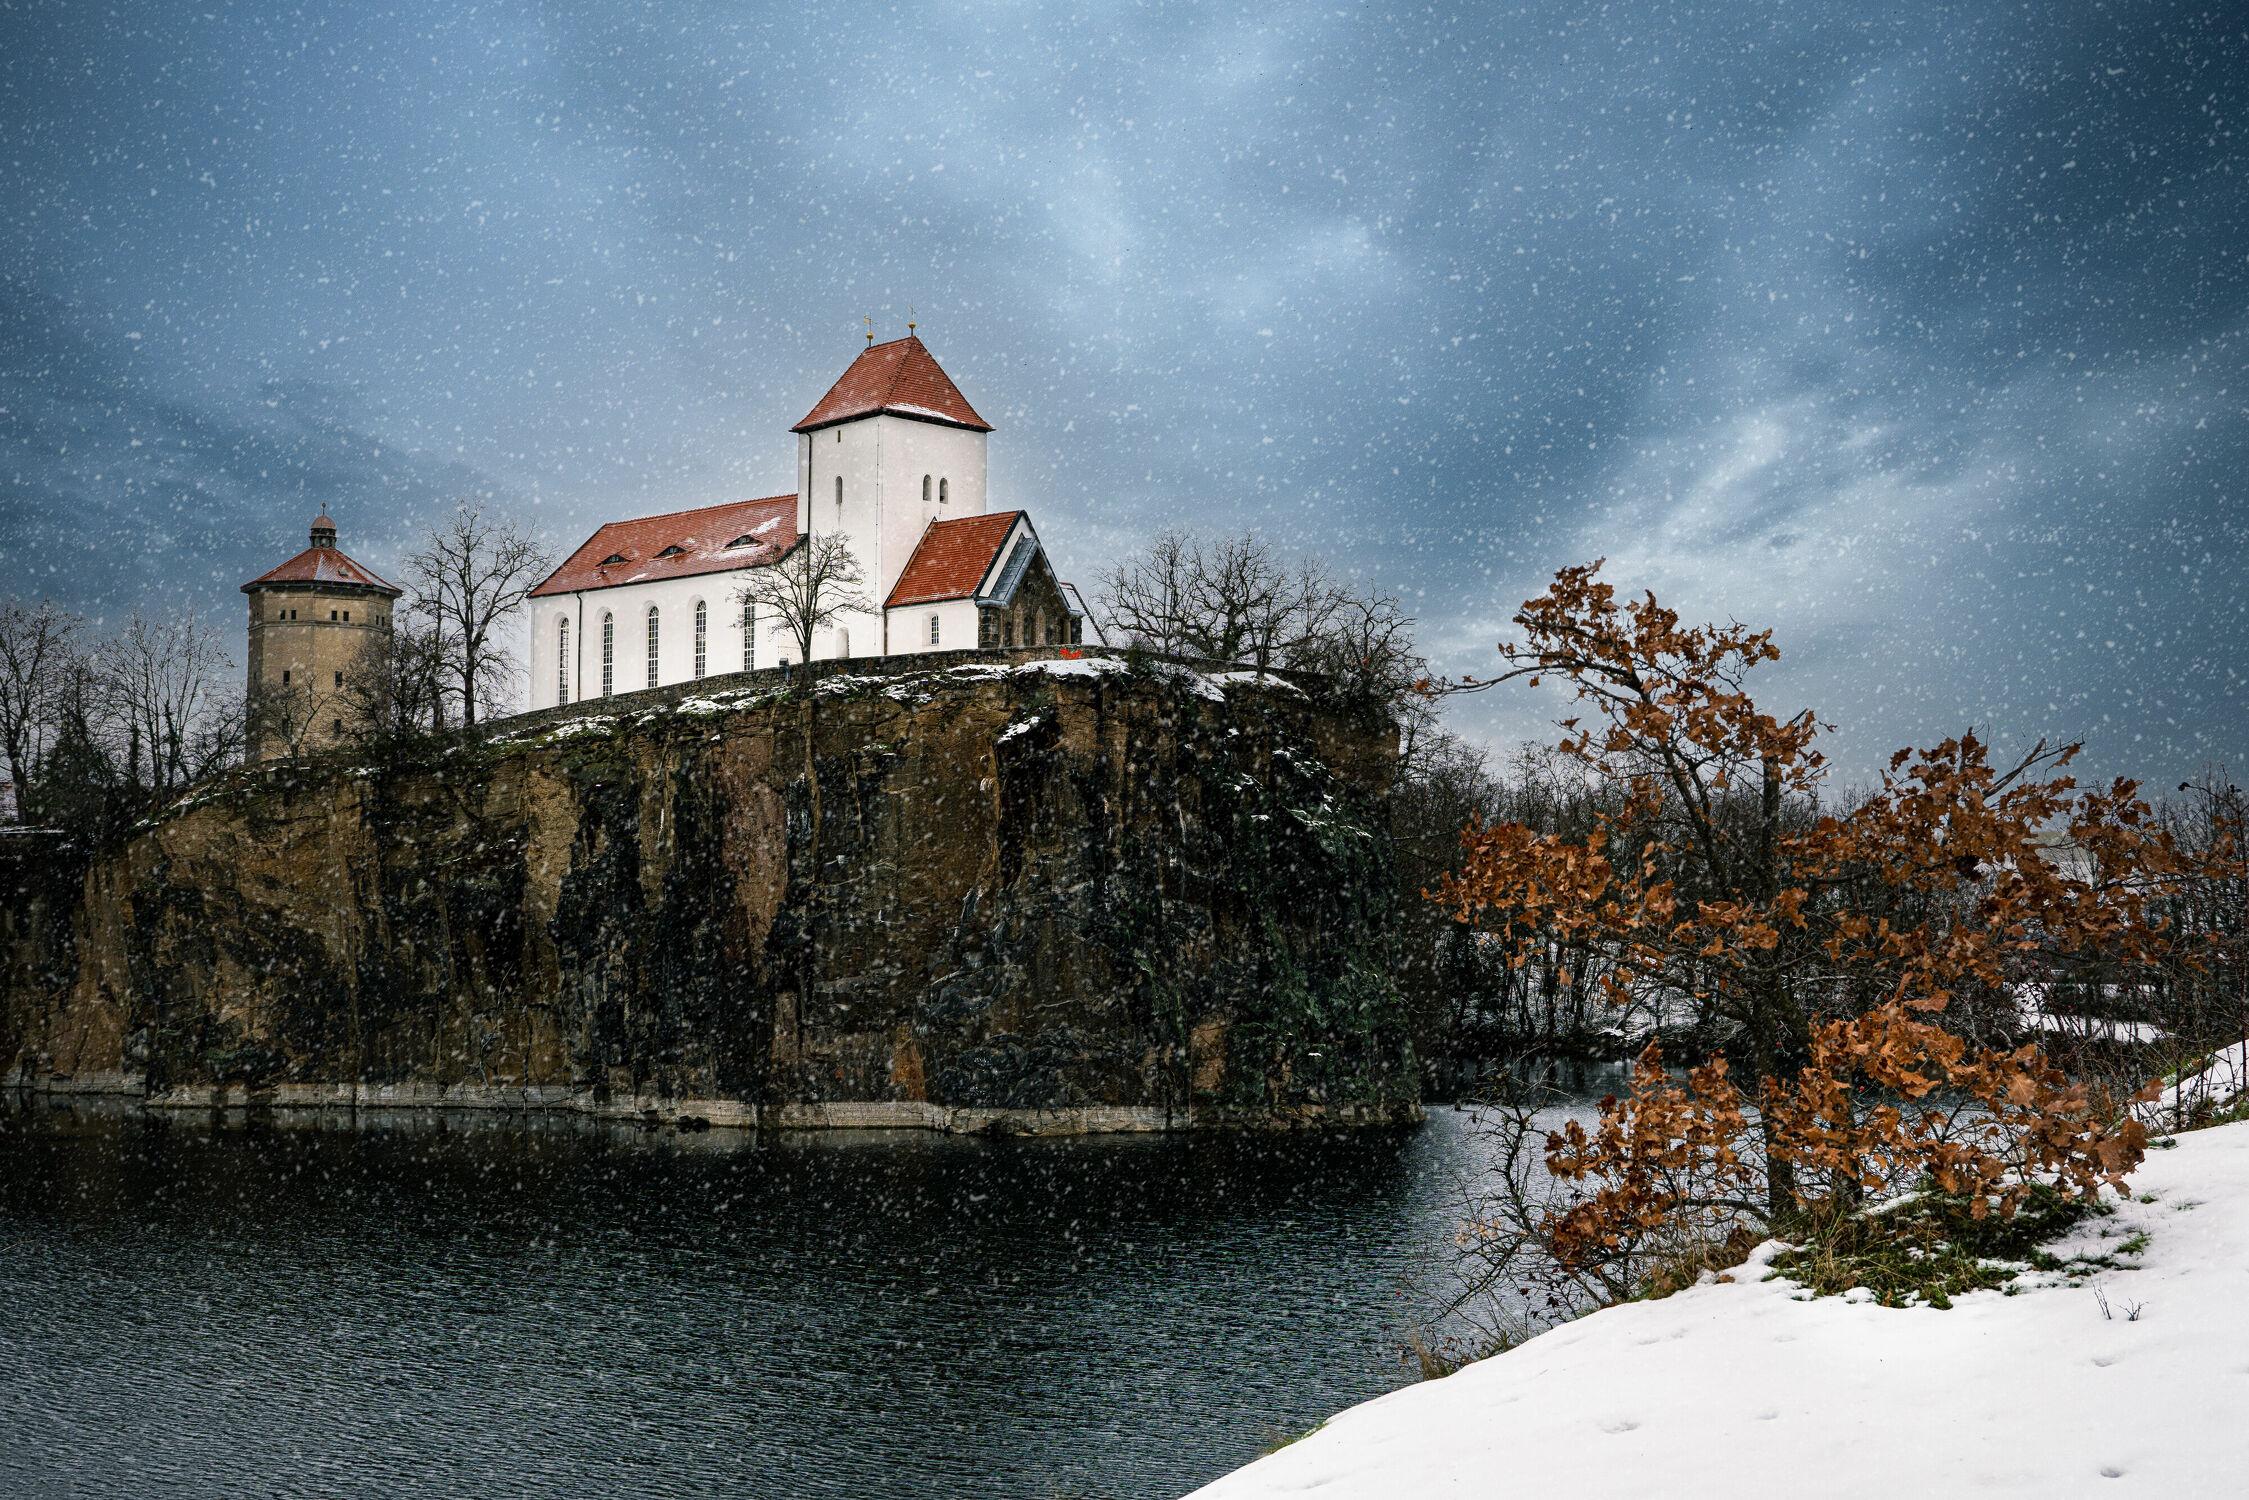 Bild mit Winter, Wetter, Schnee, Landschaft, See, Kirche, Unwetter, Sachsen, Bergkirche, Bergkirche Beucha